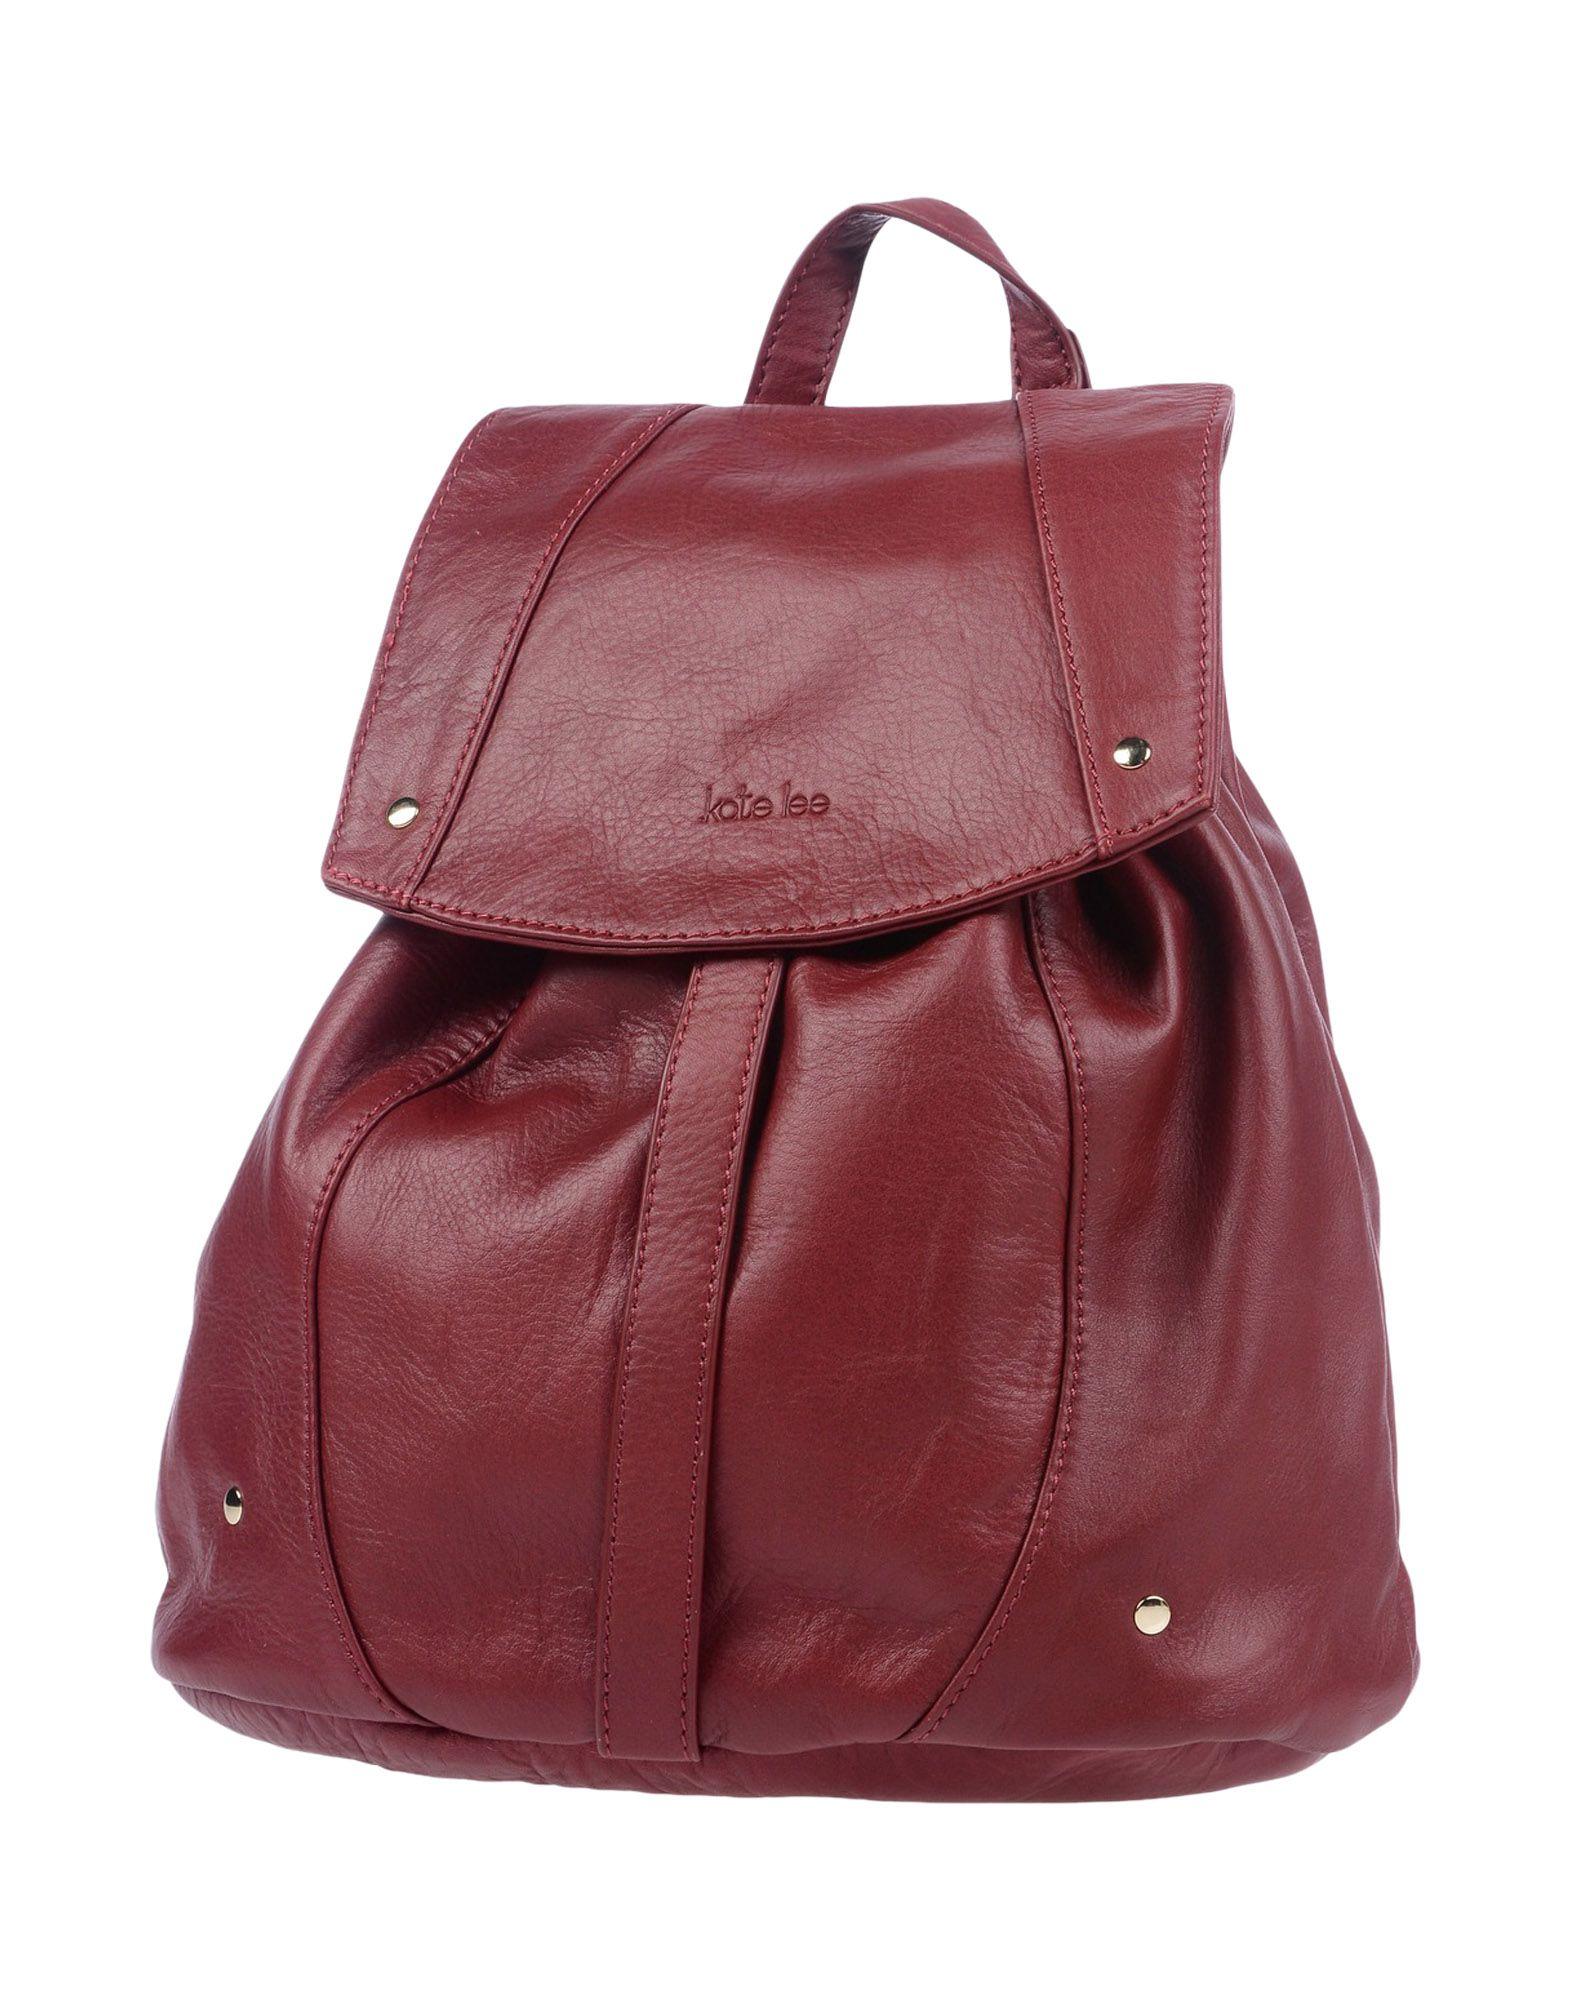 KATE LEE Рюкзаки и сумки на пояс kate sheridan рюкзаки и сумки на пояс